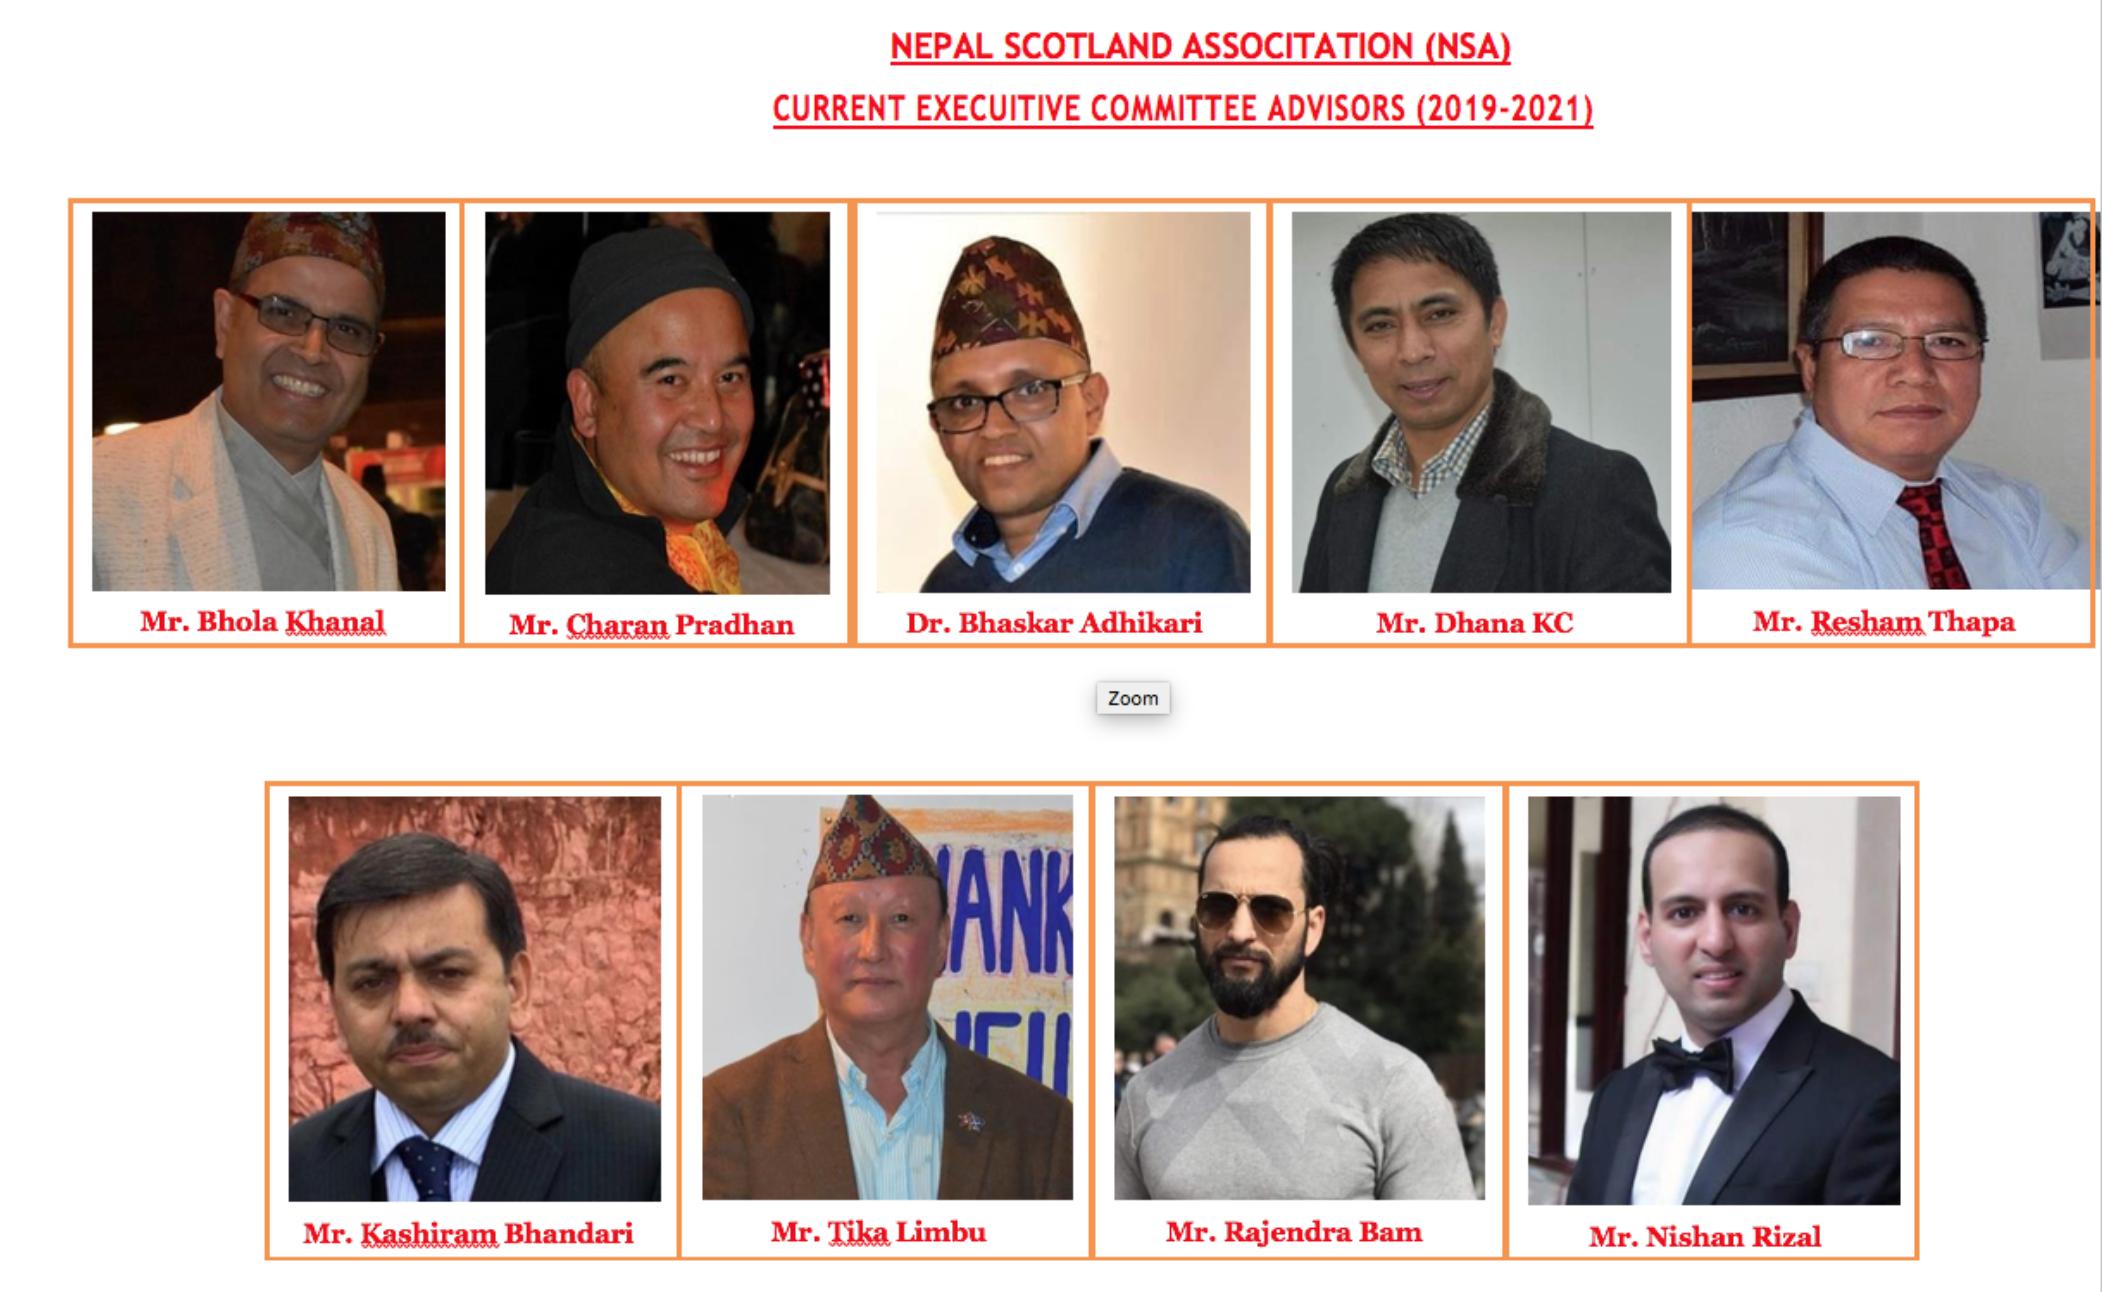 Our Team - Nepal Scotland Association